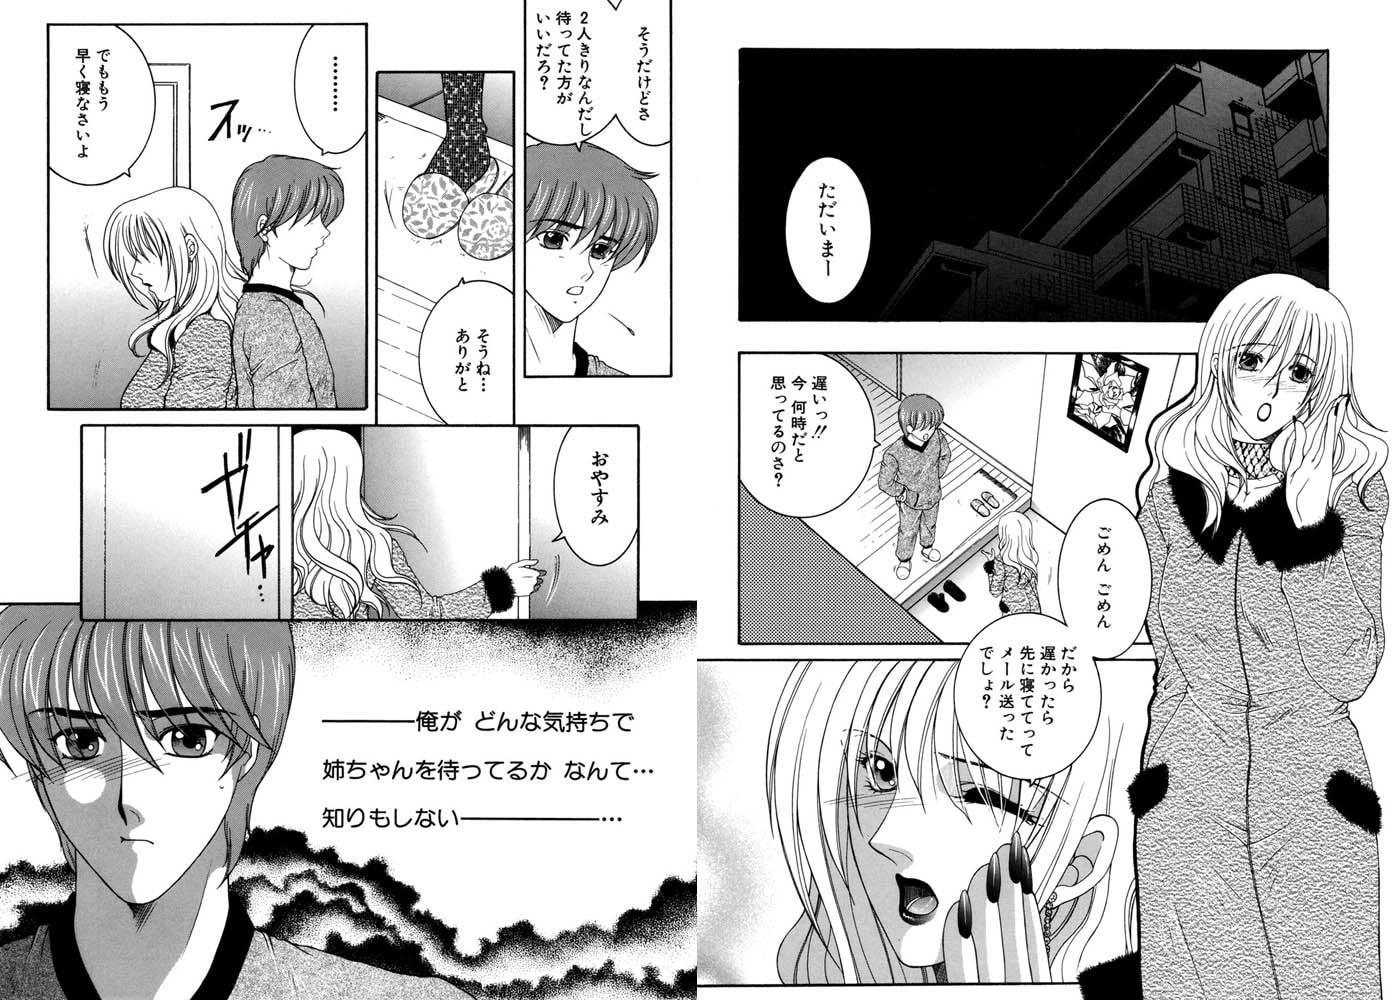 実姉(MUJIN COMICS 名作集 vol.3)(柚木N'/村雨真澄/安原司/蛇光院三郎)